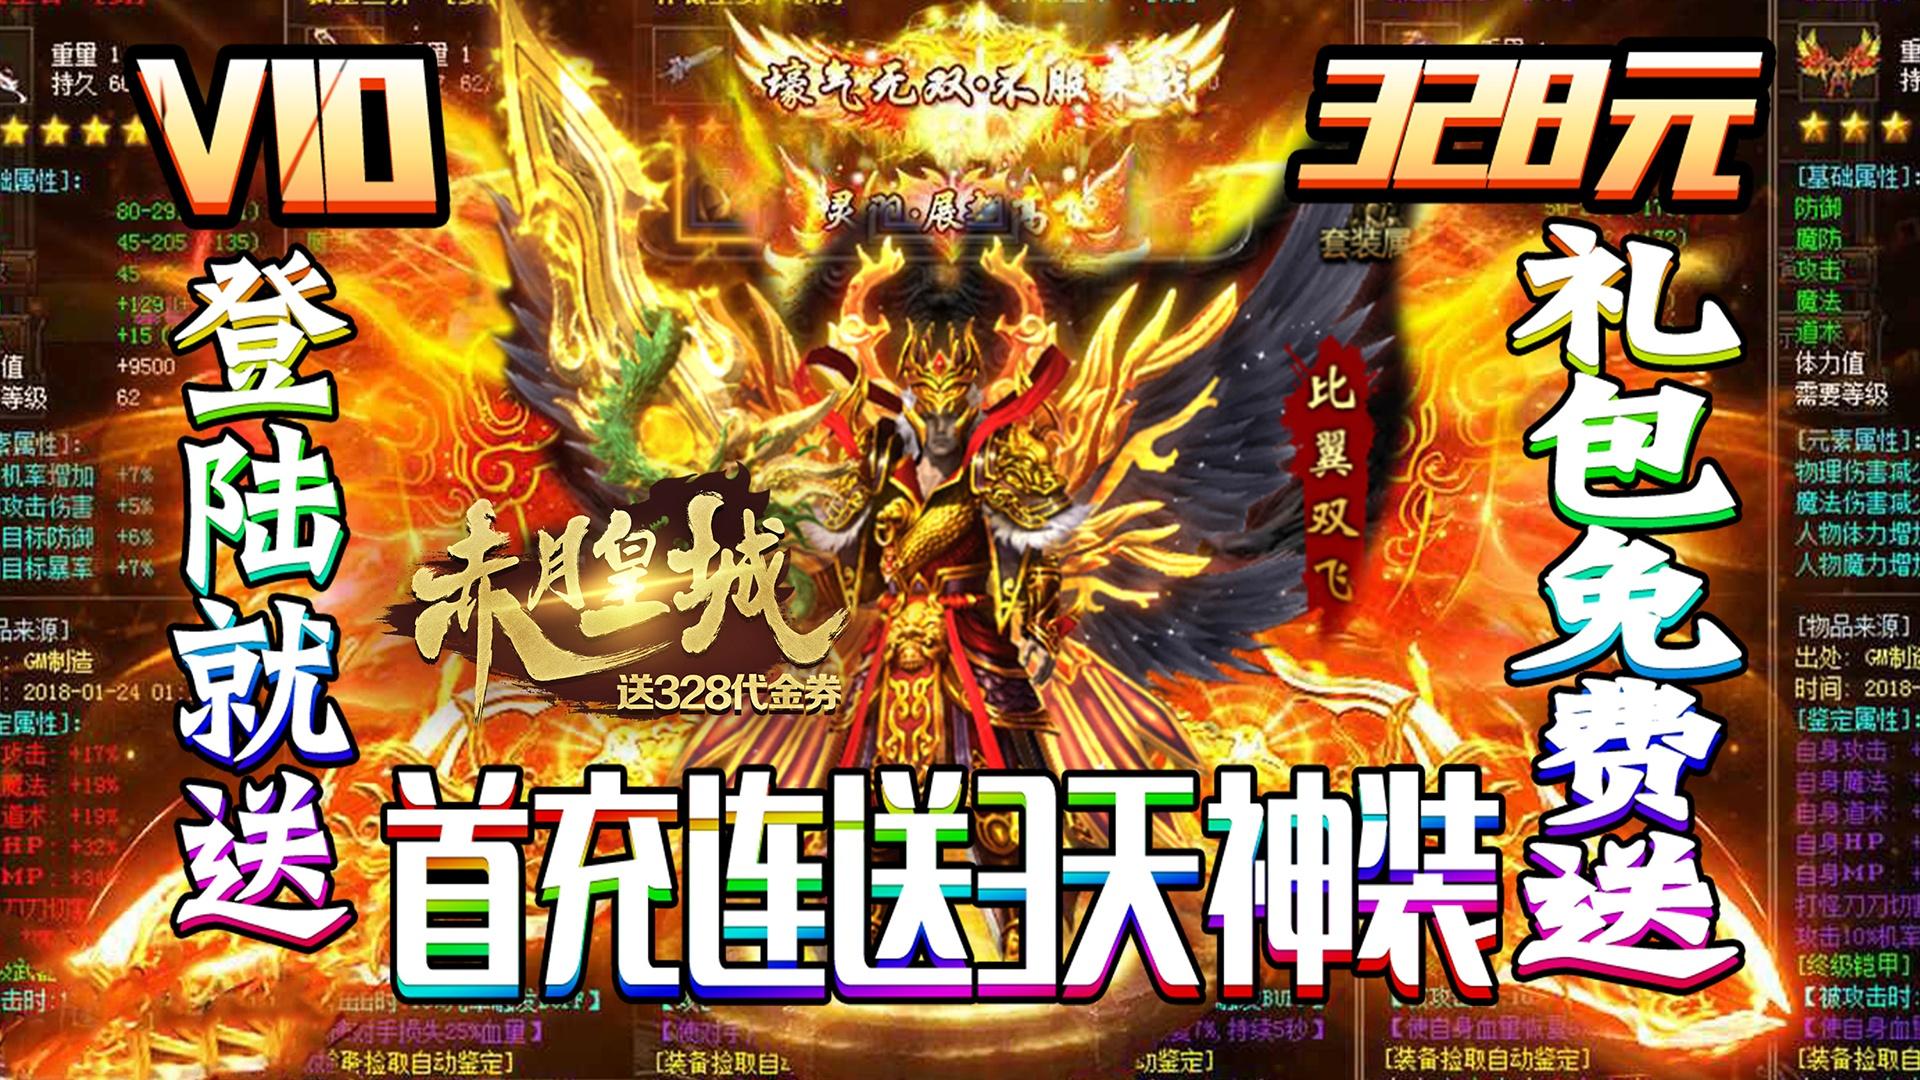 《赤月皇城(送328代金券)》视频分享:兄弟百人,同仇敌忾!